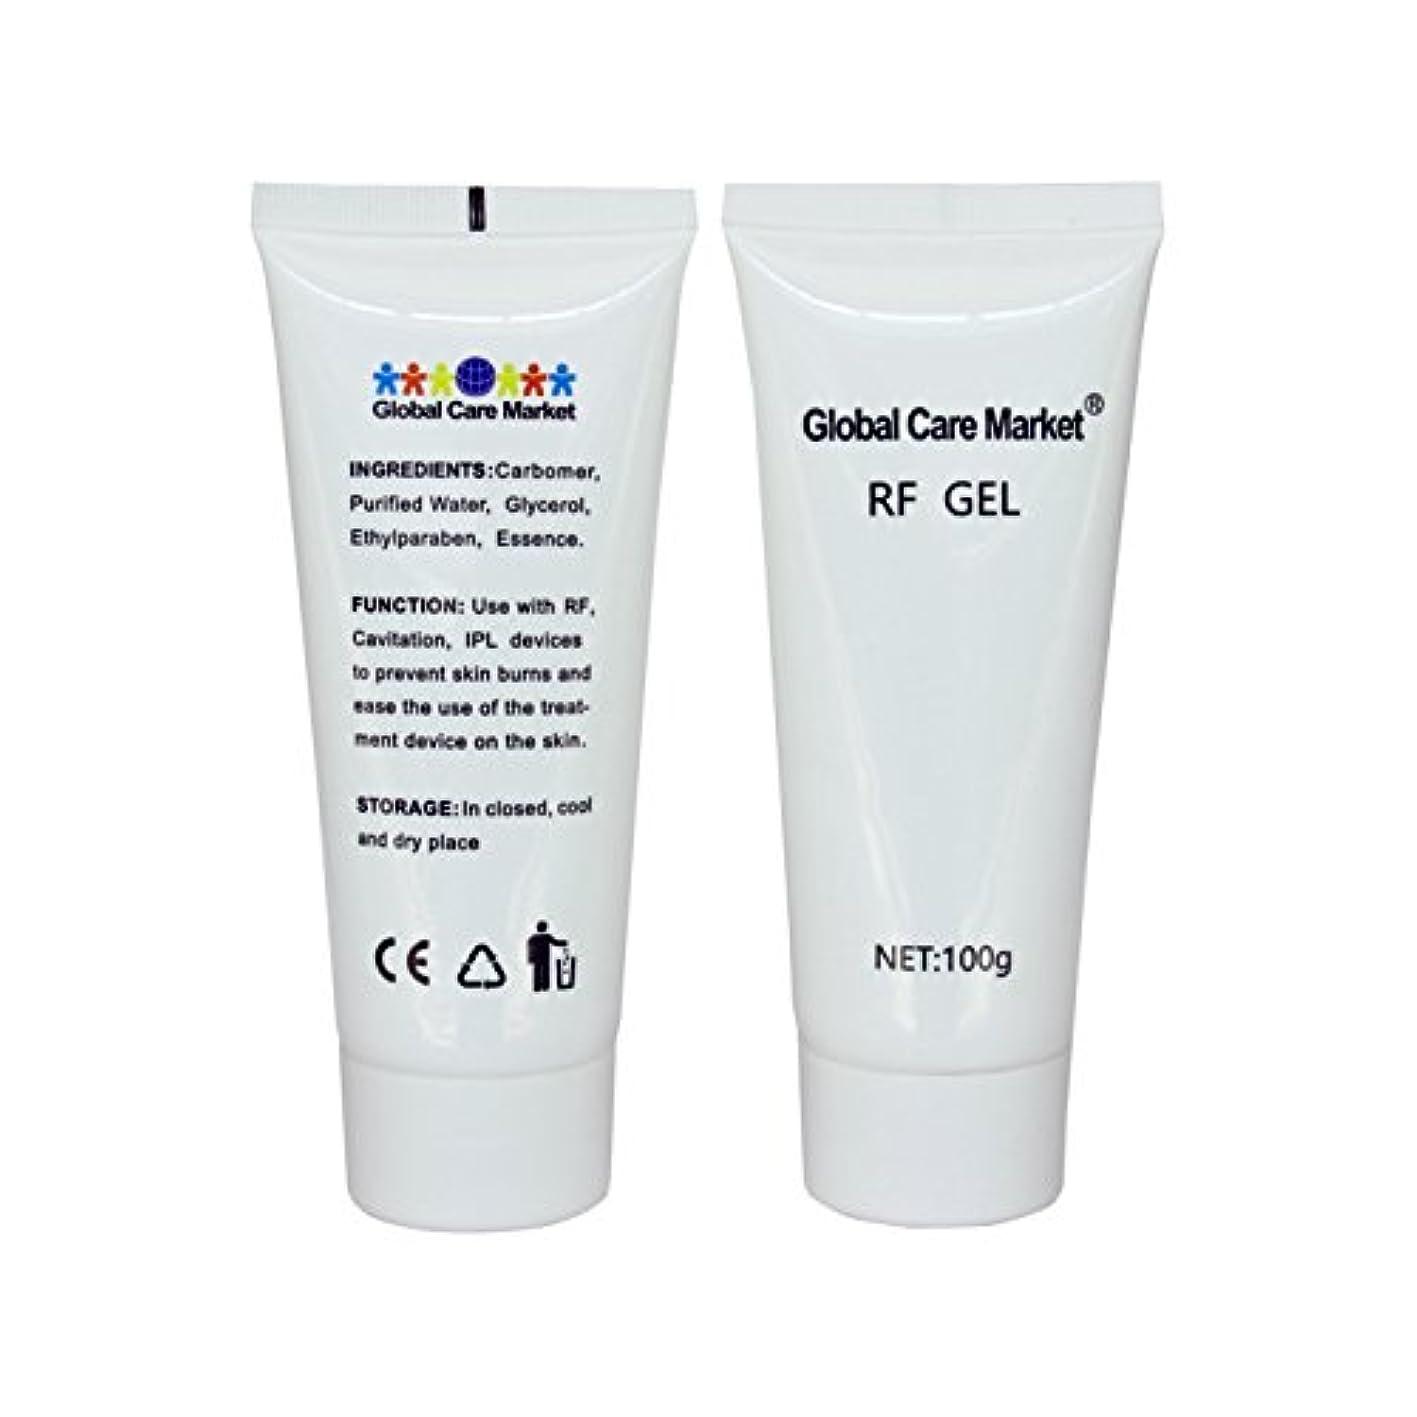 懲戒天井うなり声RF GEL(2 Pack) - 高周波治療装置に使用する皮膚冷却および潤滑です